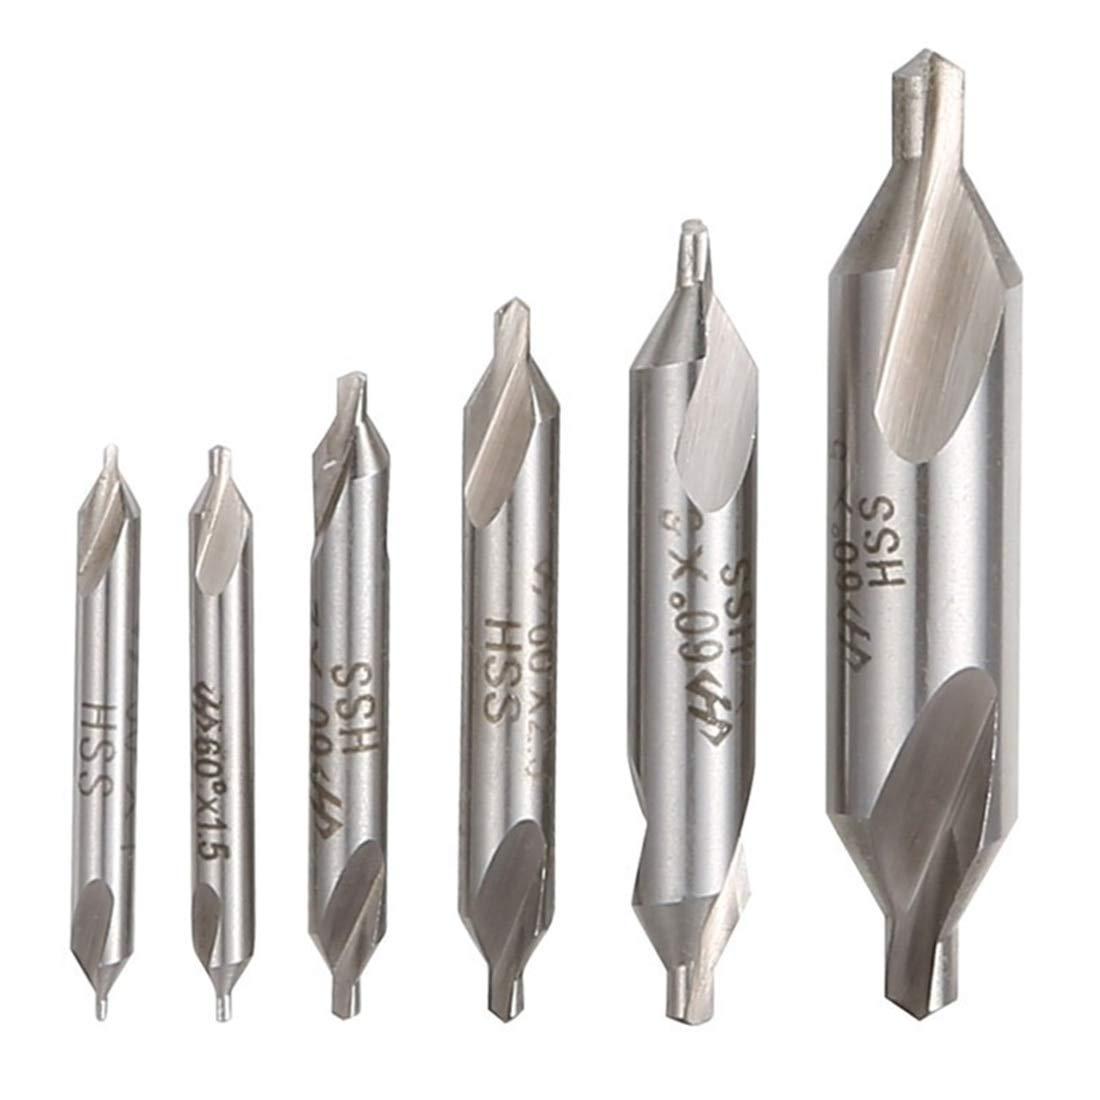 2mm Les forets /à centrer combin/és peu 60 foret de fraise conique pour les outils /électroportatifs 1pc 1mm 5mm HSS 3mm